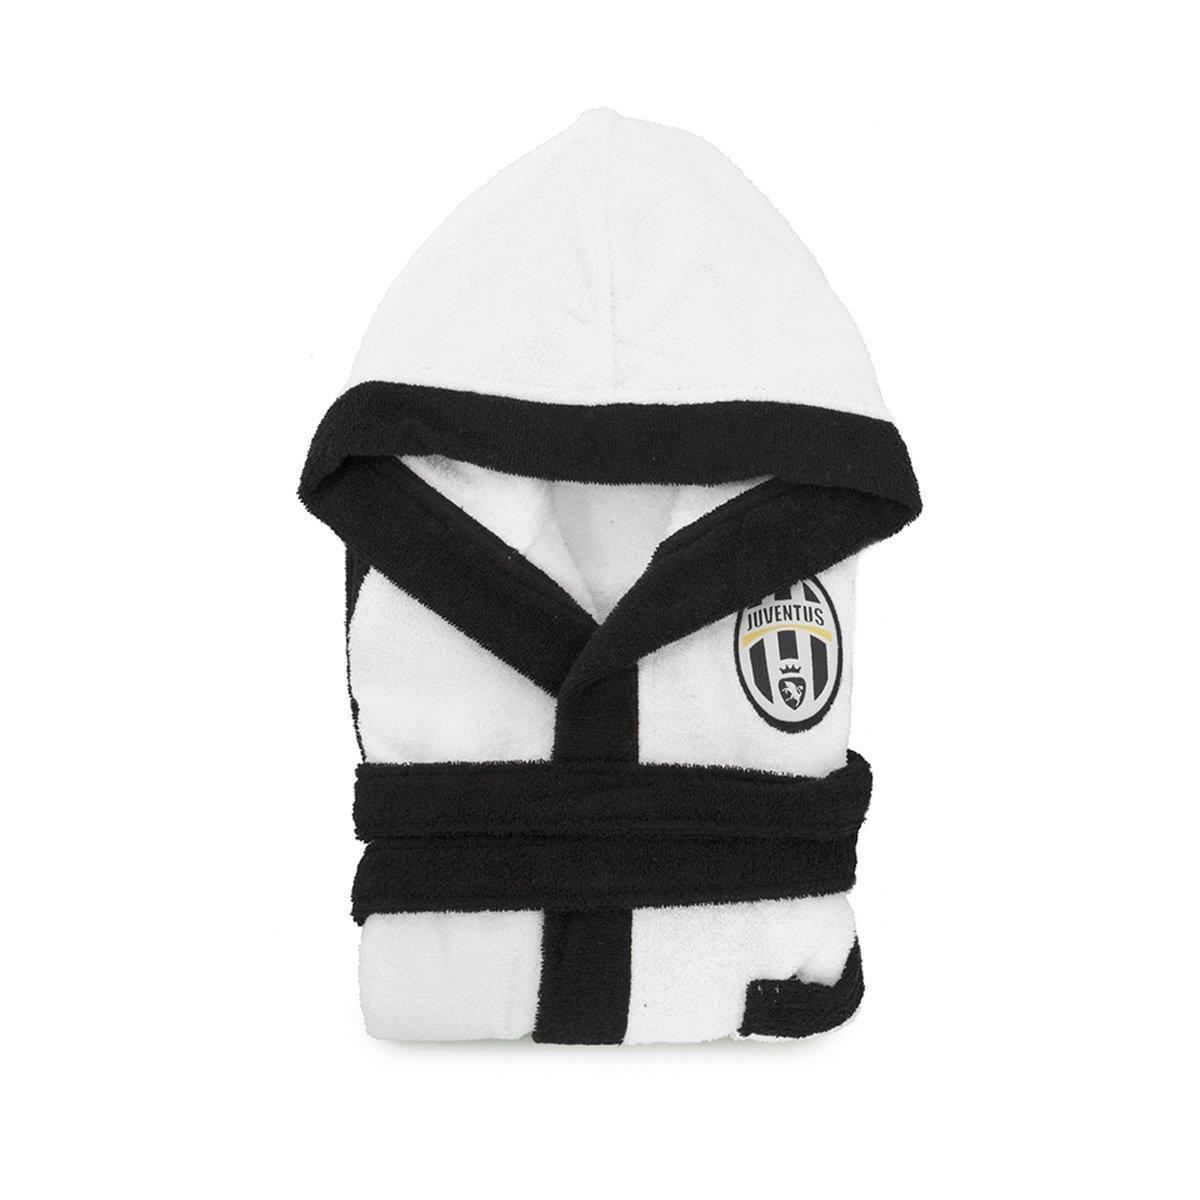 Accappatoio F.C Juventus Juve per adulto Ufficiale in spugna di cotone P266 M